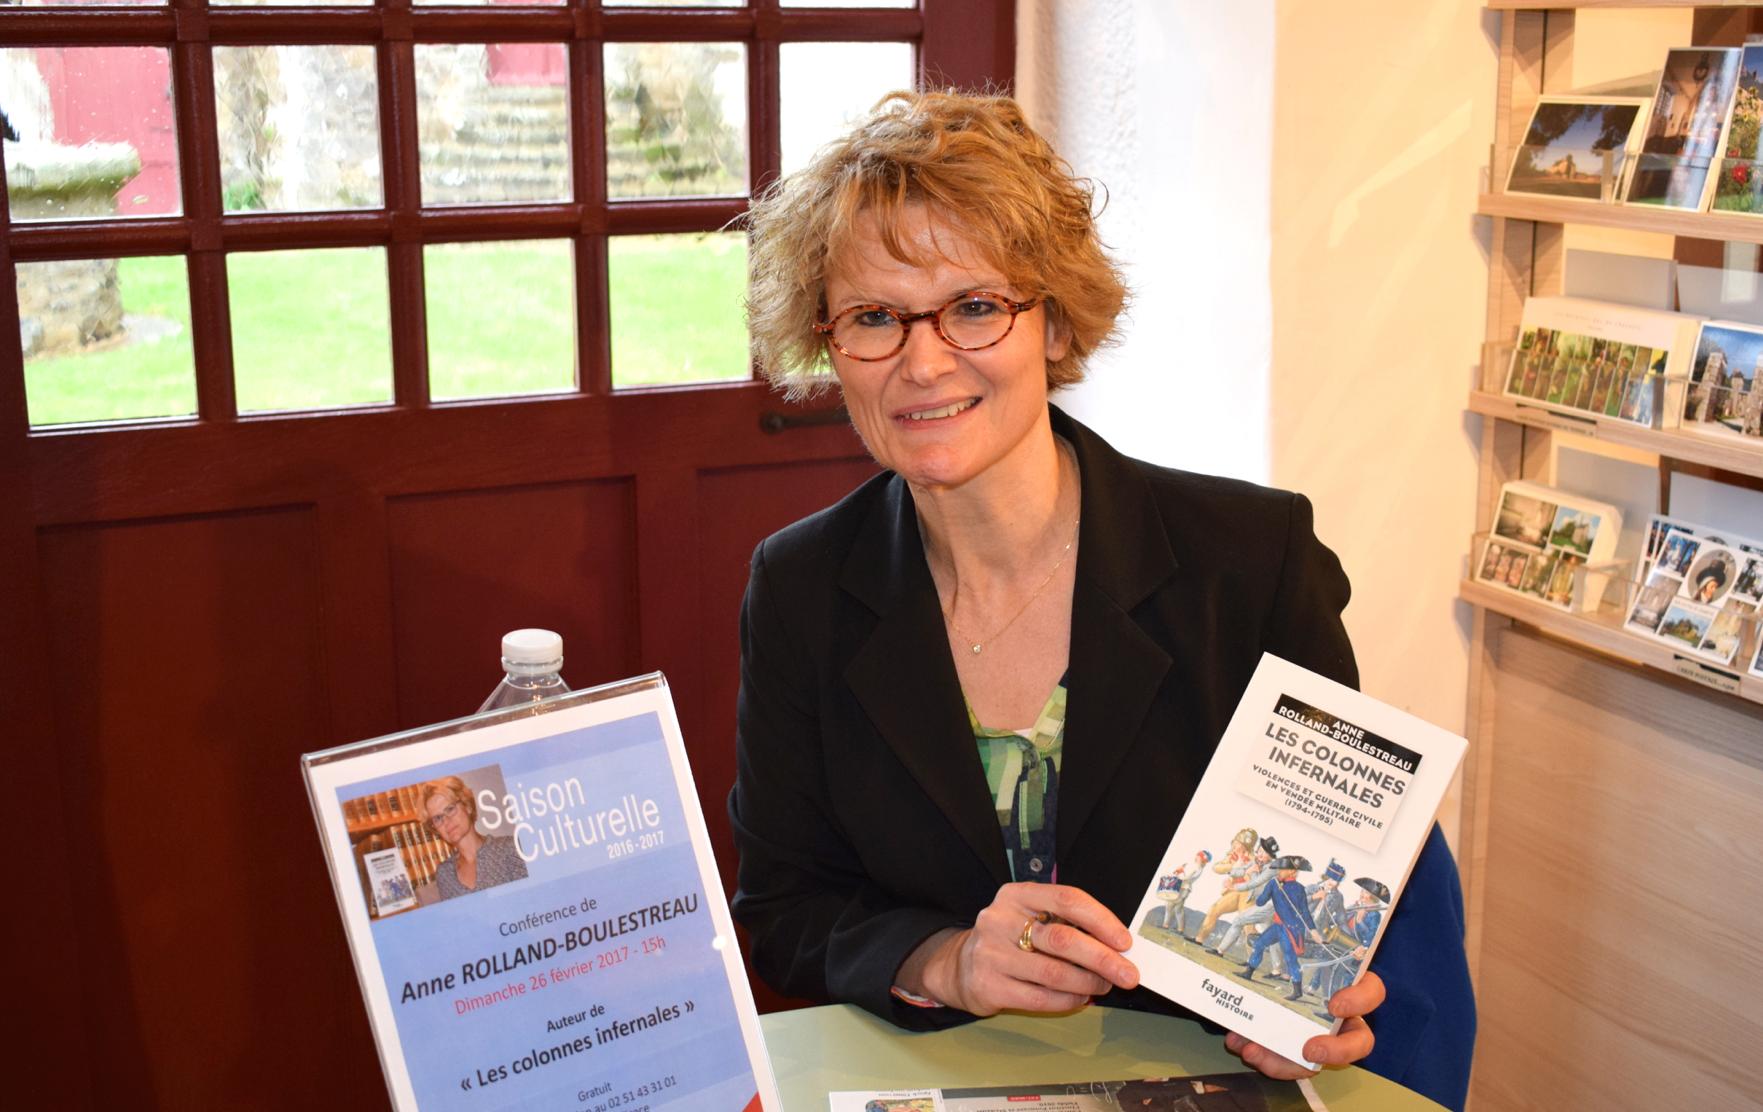 28 mars 2018 : À Boussay, conférence d'Anne Rolland-Boulestreau sur les Colonnes infernales